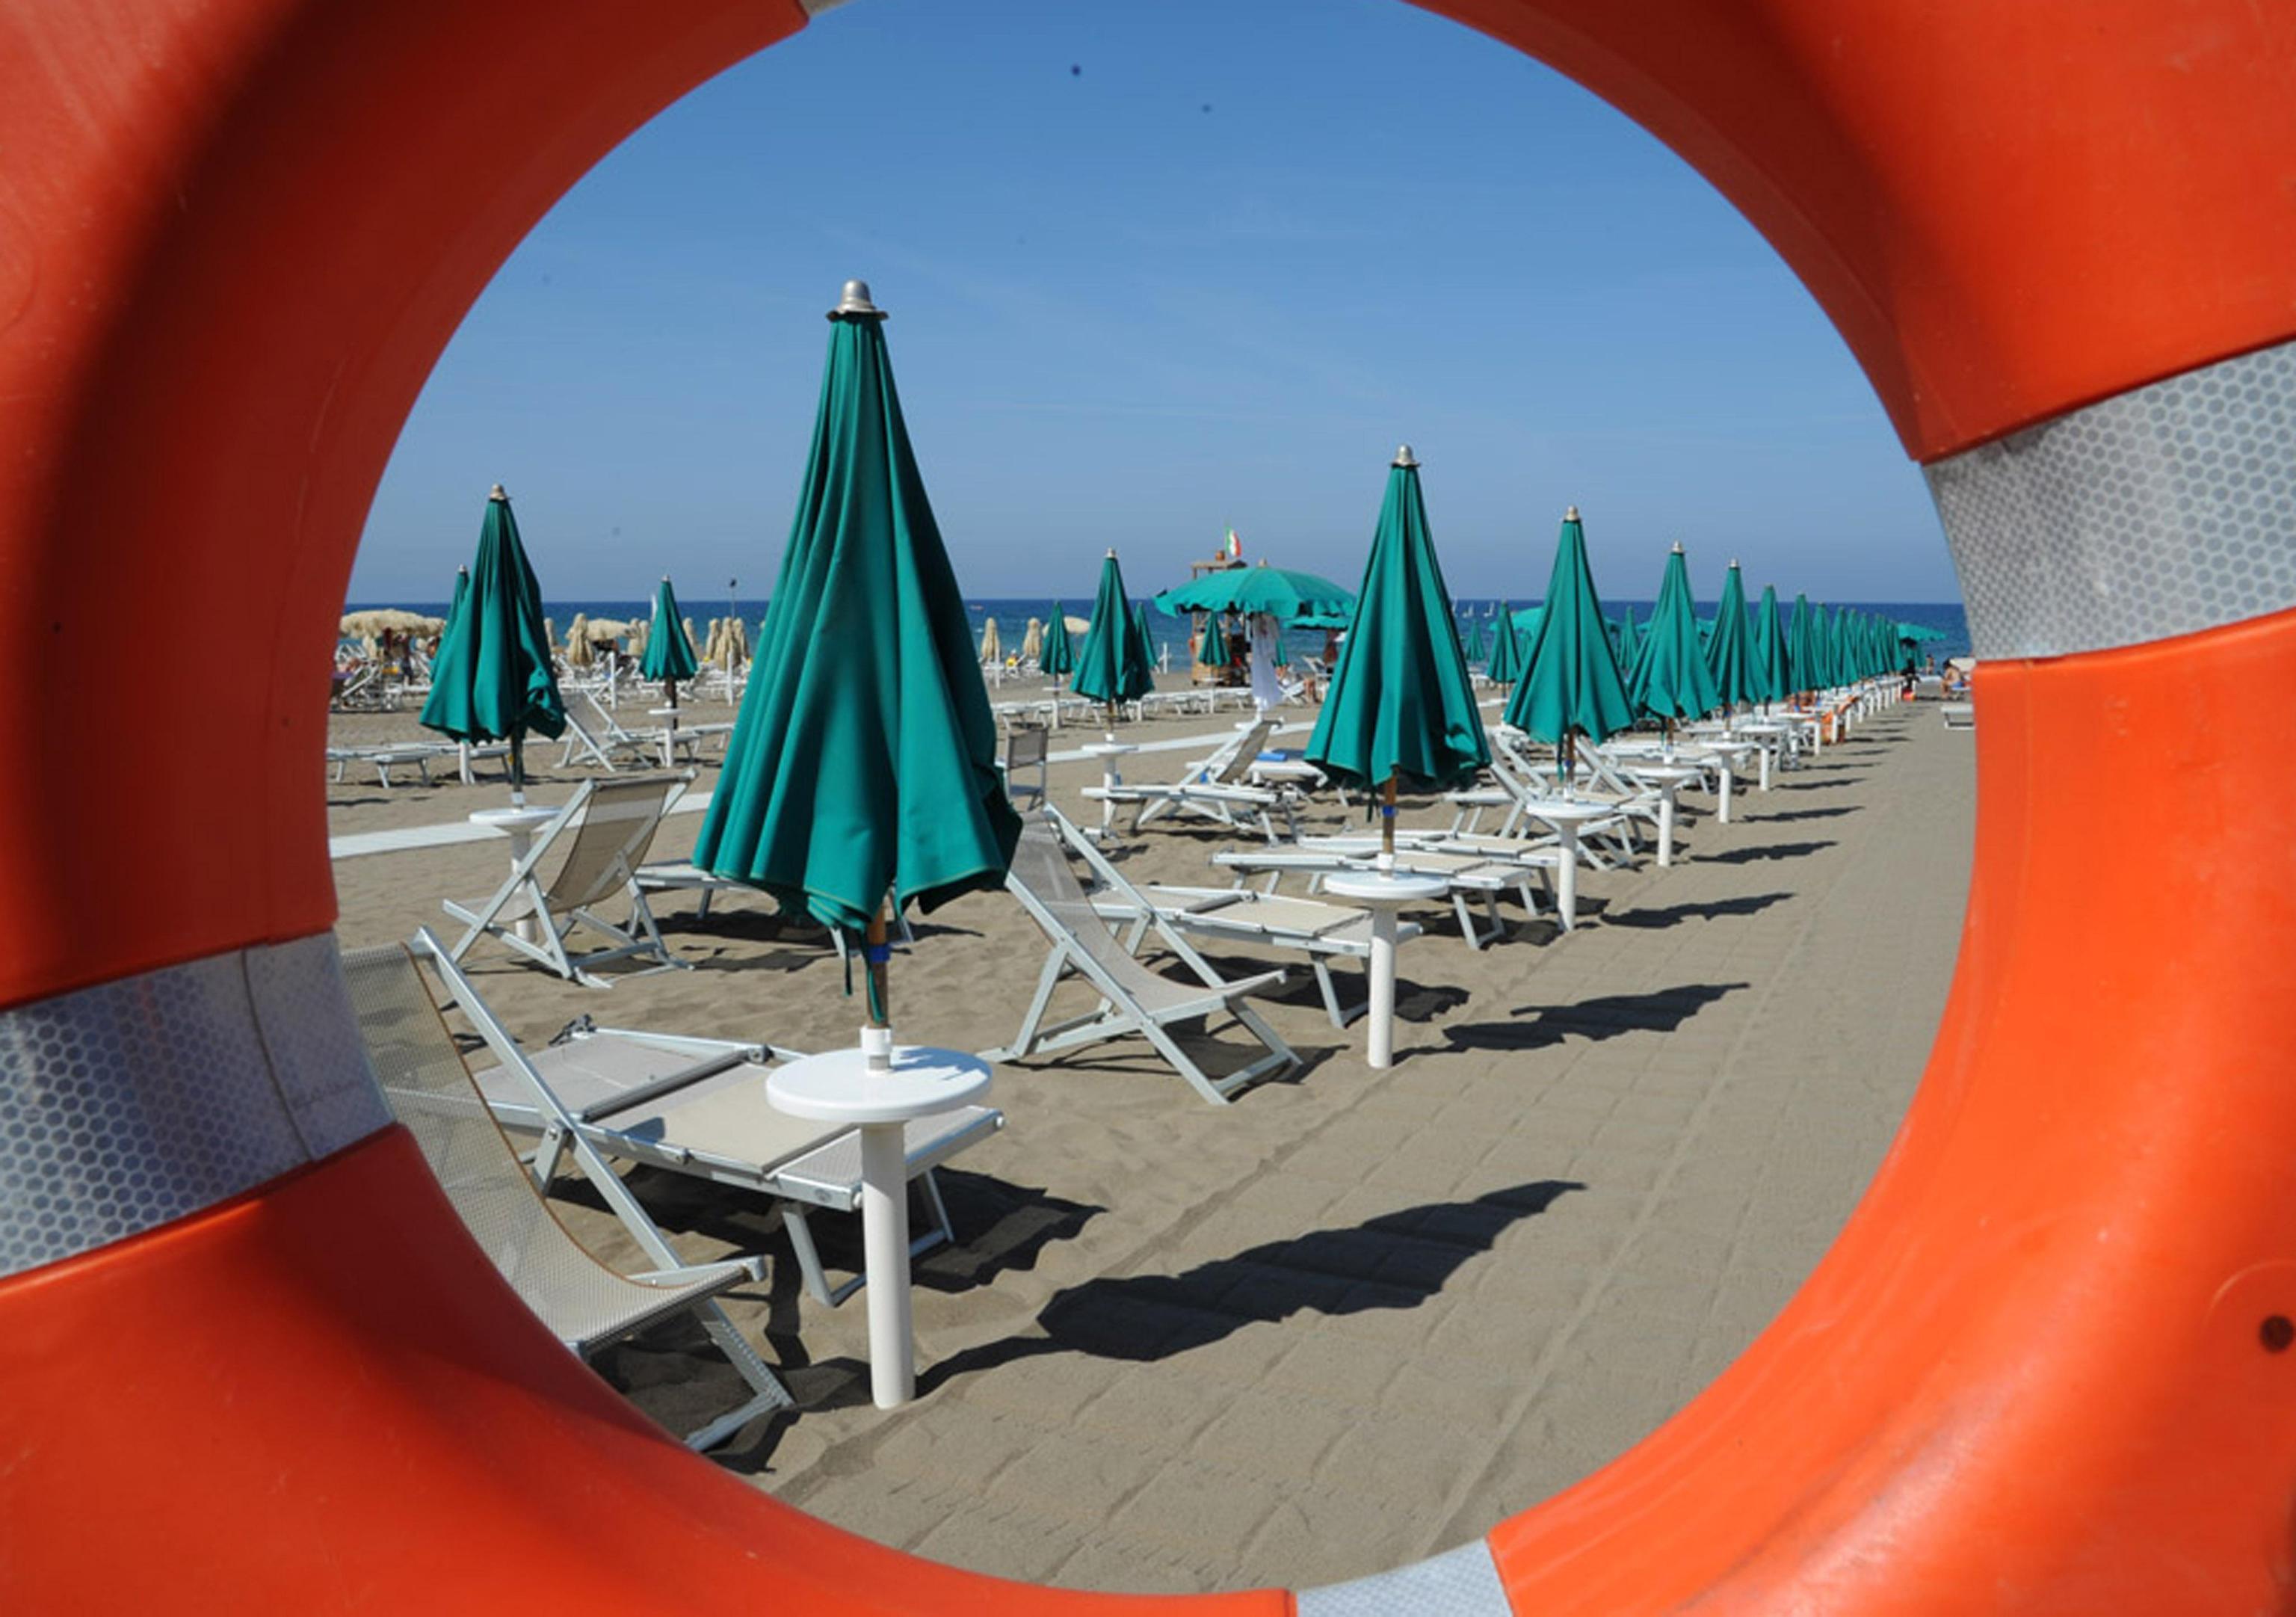 Spiagge governo battuto s alla proroga di 5 anni sulle - Porta ombrellone ...